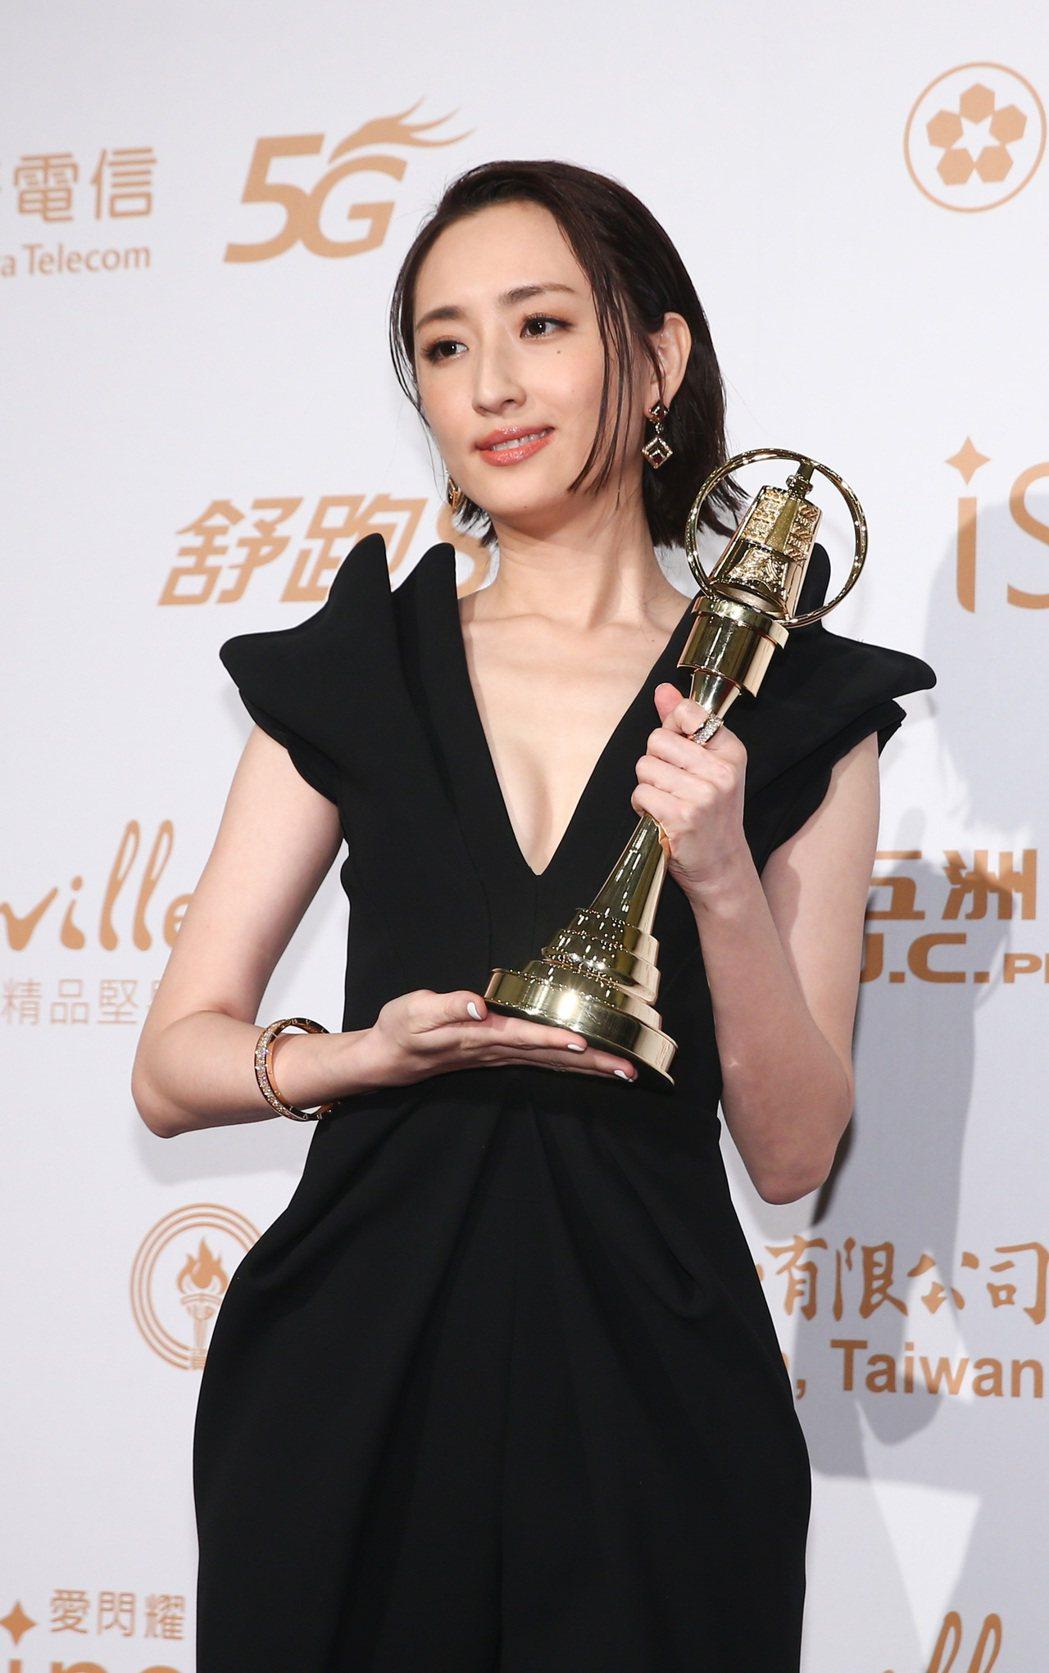 第55屆金鐘獎頒獎典禮在國父紀念館舉行,戲劇節目女主角由柯佳嬿獲得。記者曾原信/...